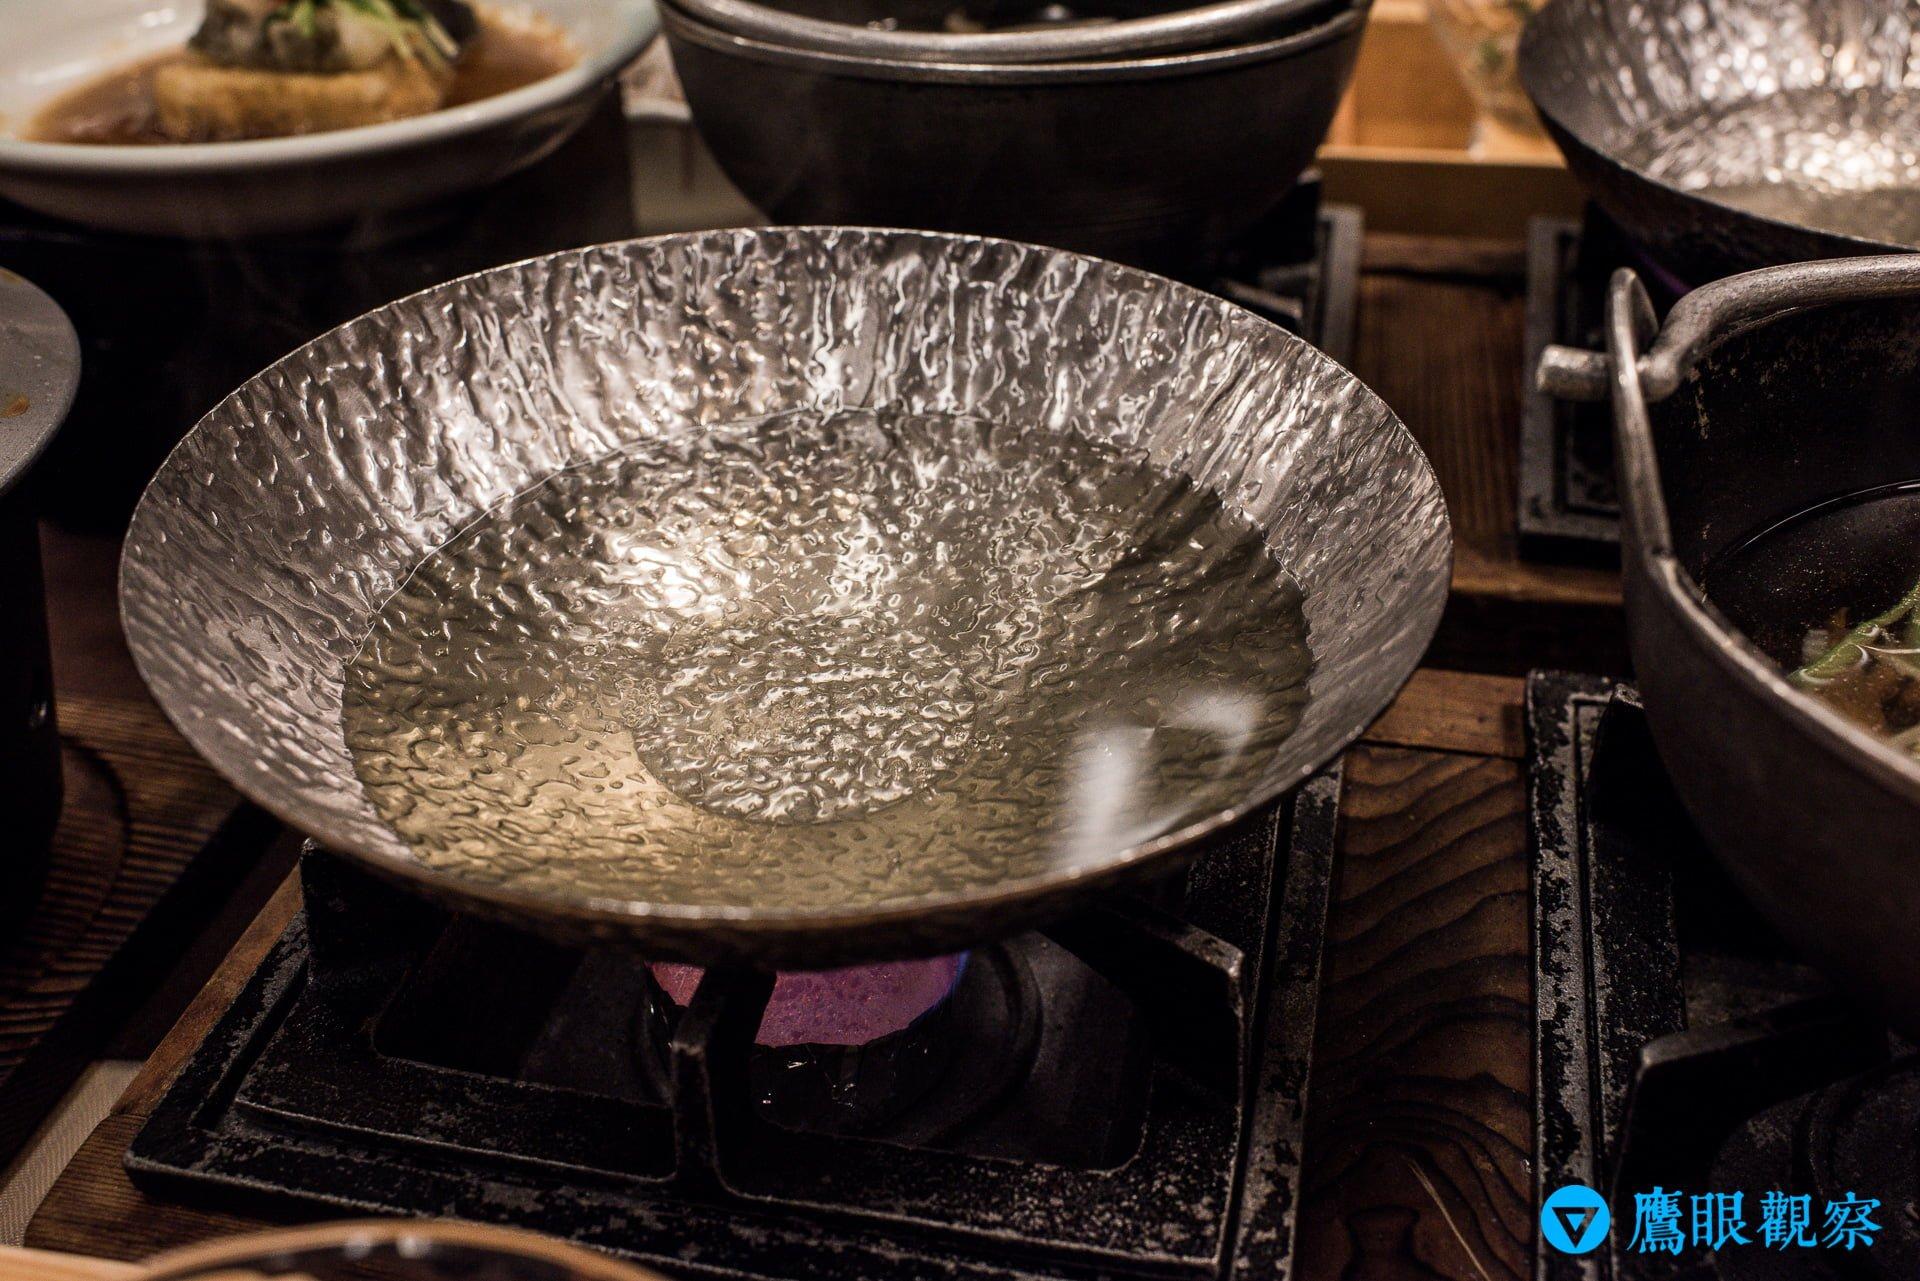 travel Japan gunma kishigon ryokan hotel in izumo spa hot spring 11 群馬縣伊香保溫泉「岸權旅館」日本旅館住宿推薦